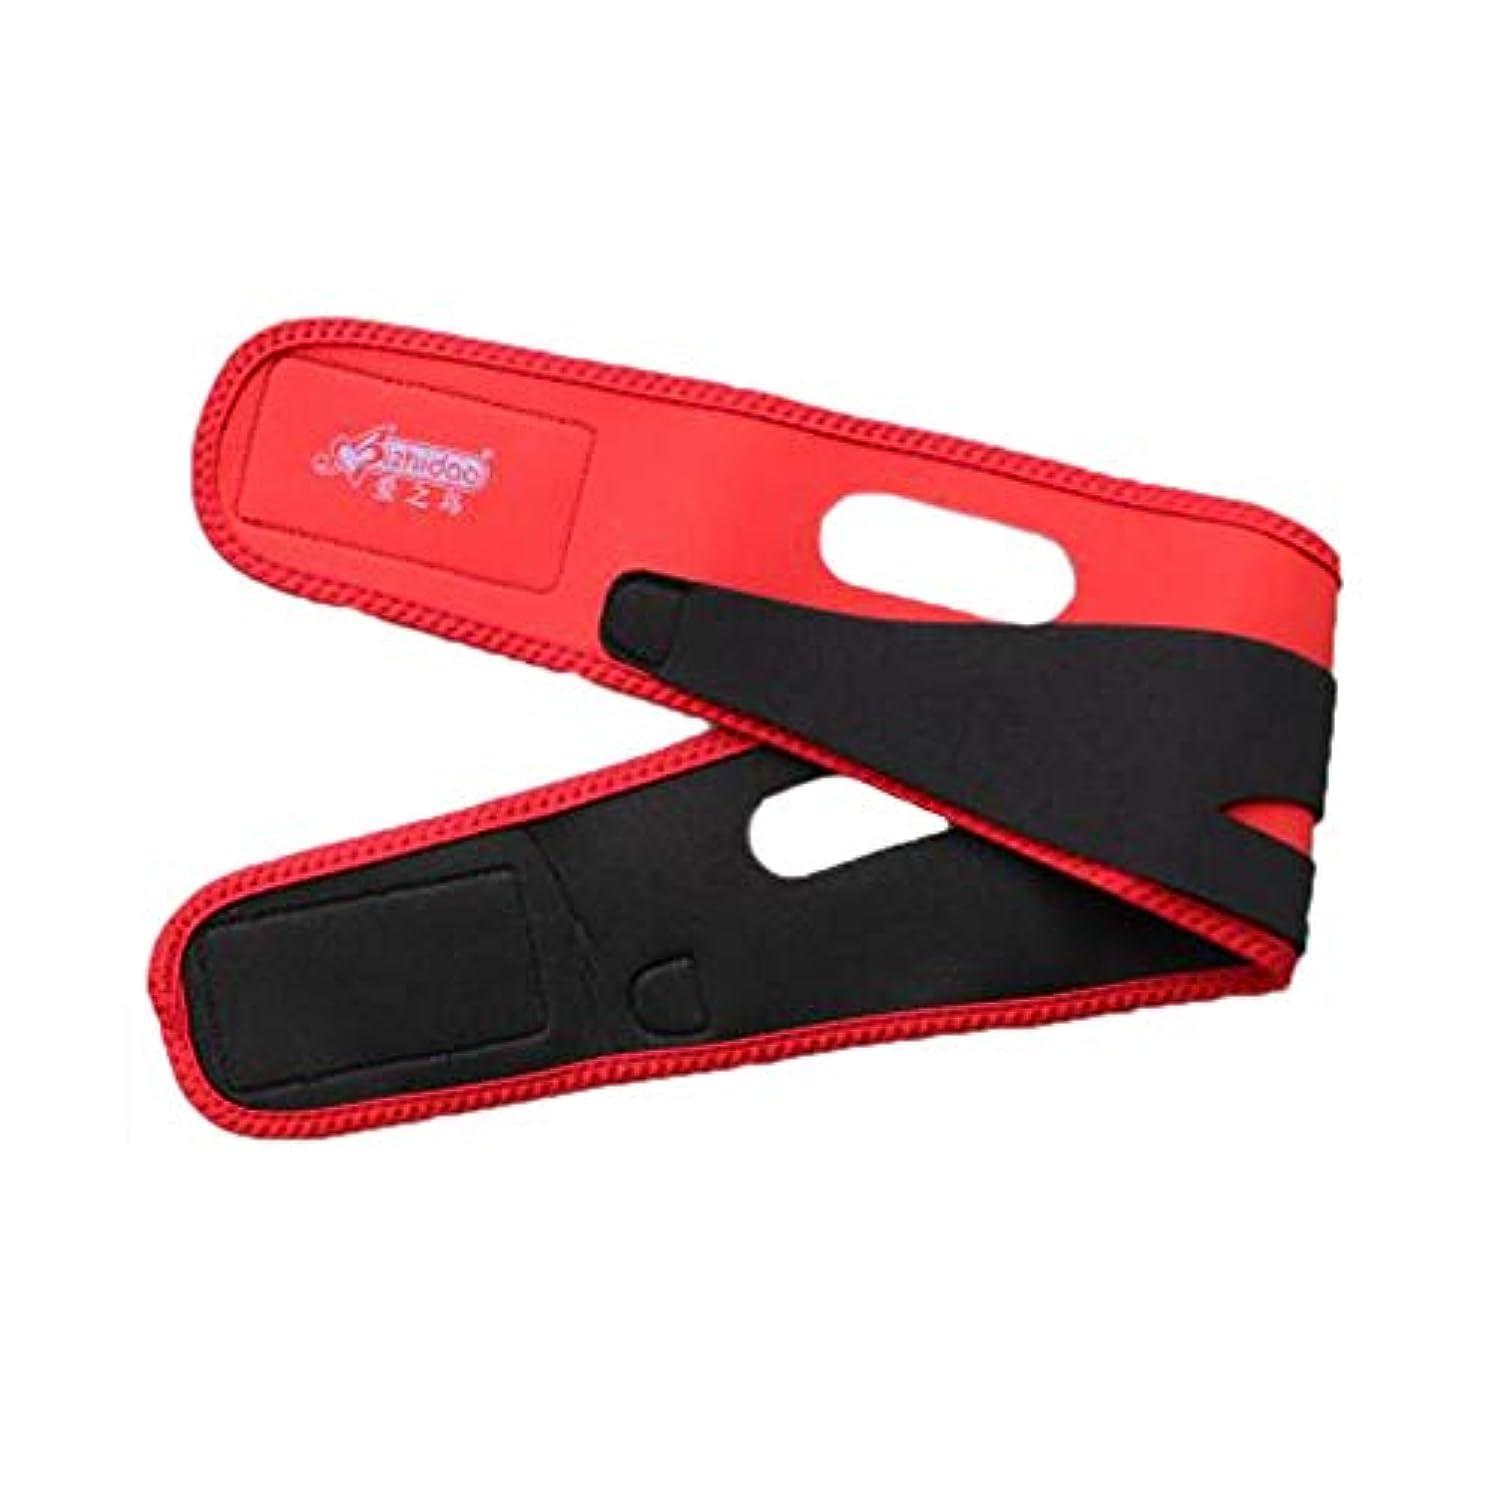 クリエイティブ助手たくさんのフェイススリミングバンデージ、ダブルチンケア減量、フェイシャルリフティングバンデージ、フェイスマッサージマスク、ダブルチンストラップ(フリーサイズ) (Color : Red)